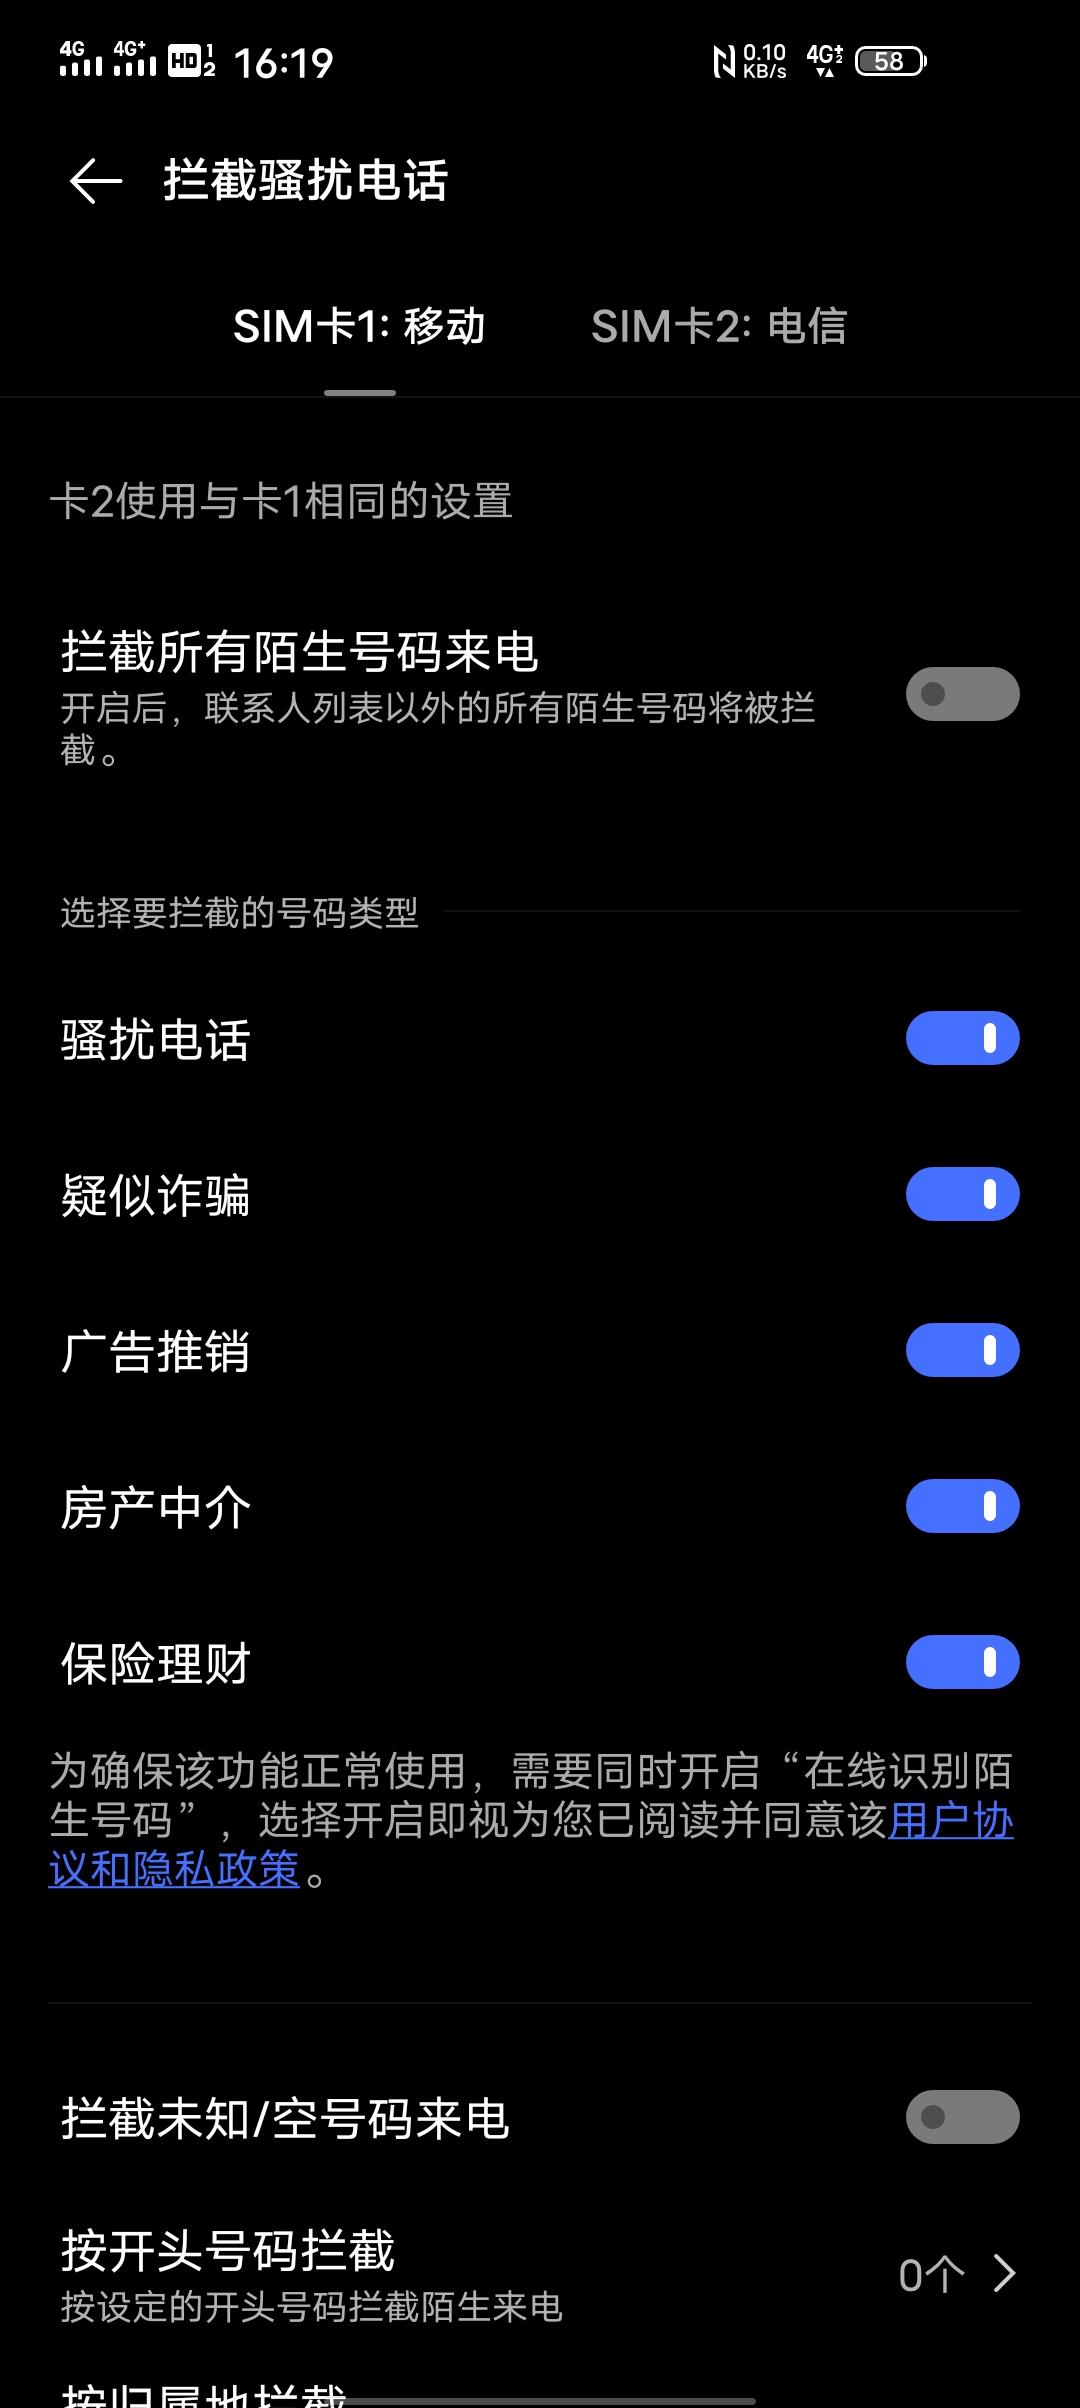 Screenshot_20200813_161953.jpg